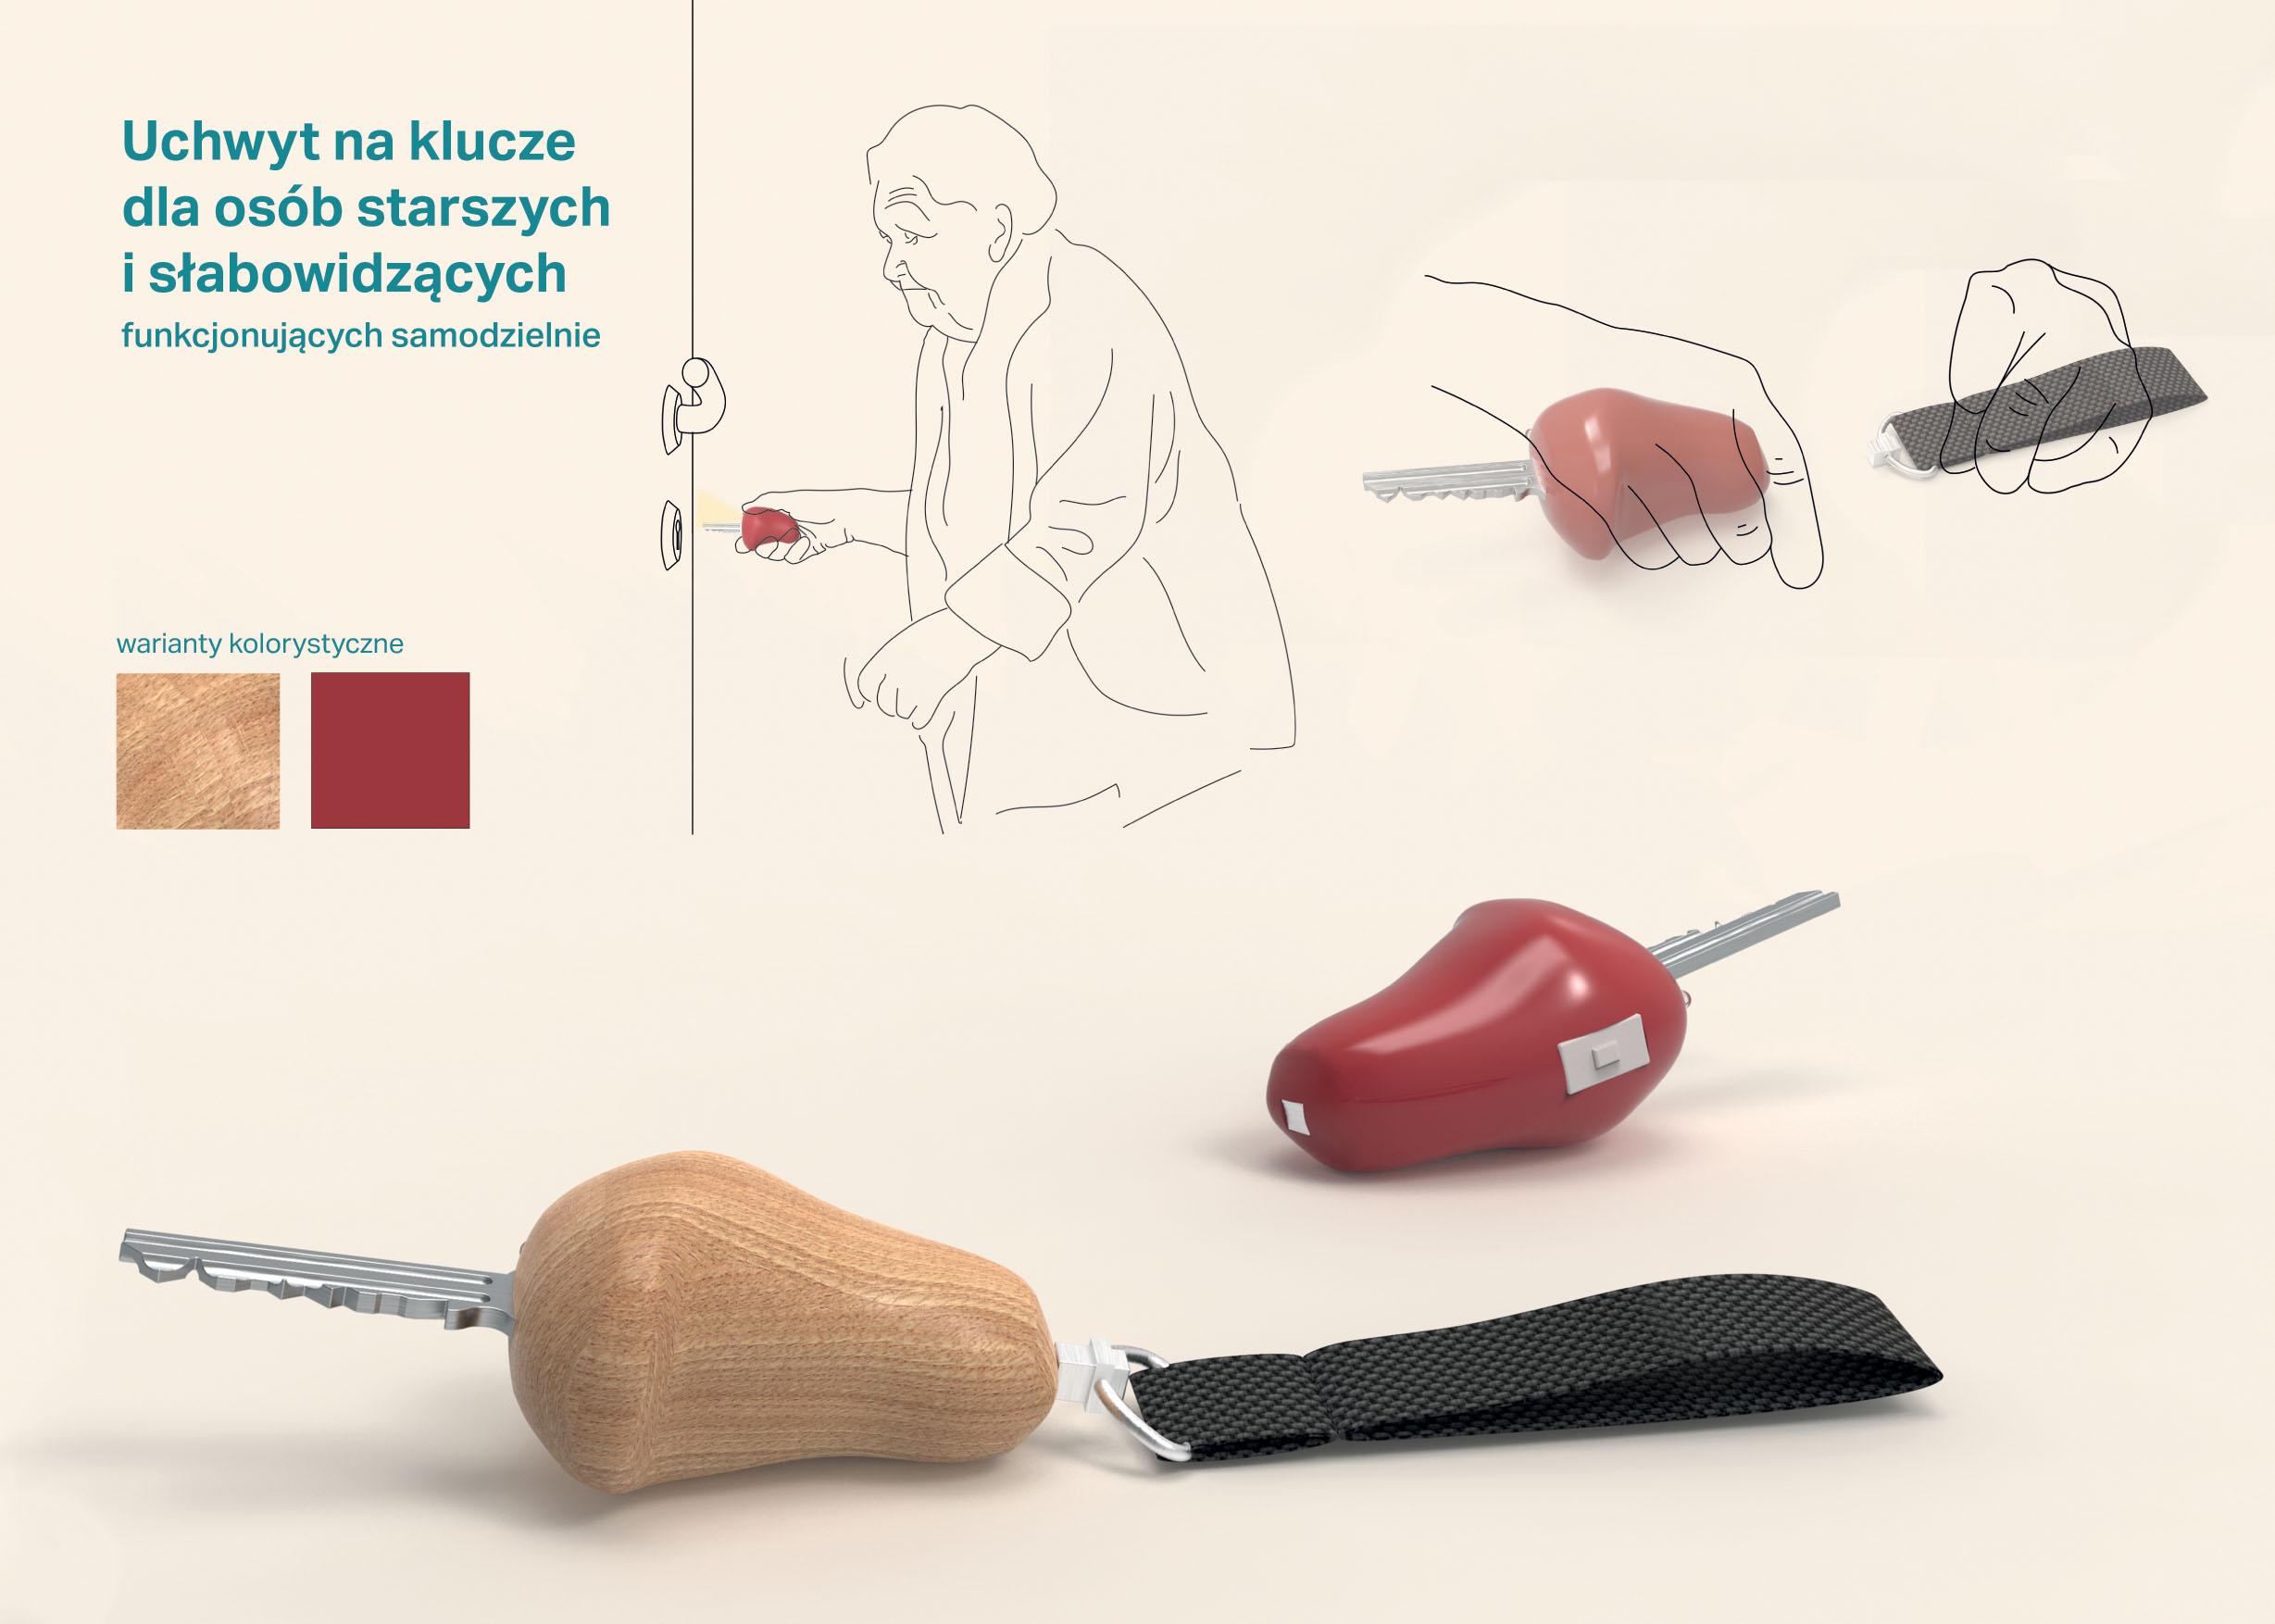 Uchwyt na klucze dla osób starszych i słabowidzących, funkcjonujących samodzielnie